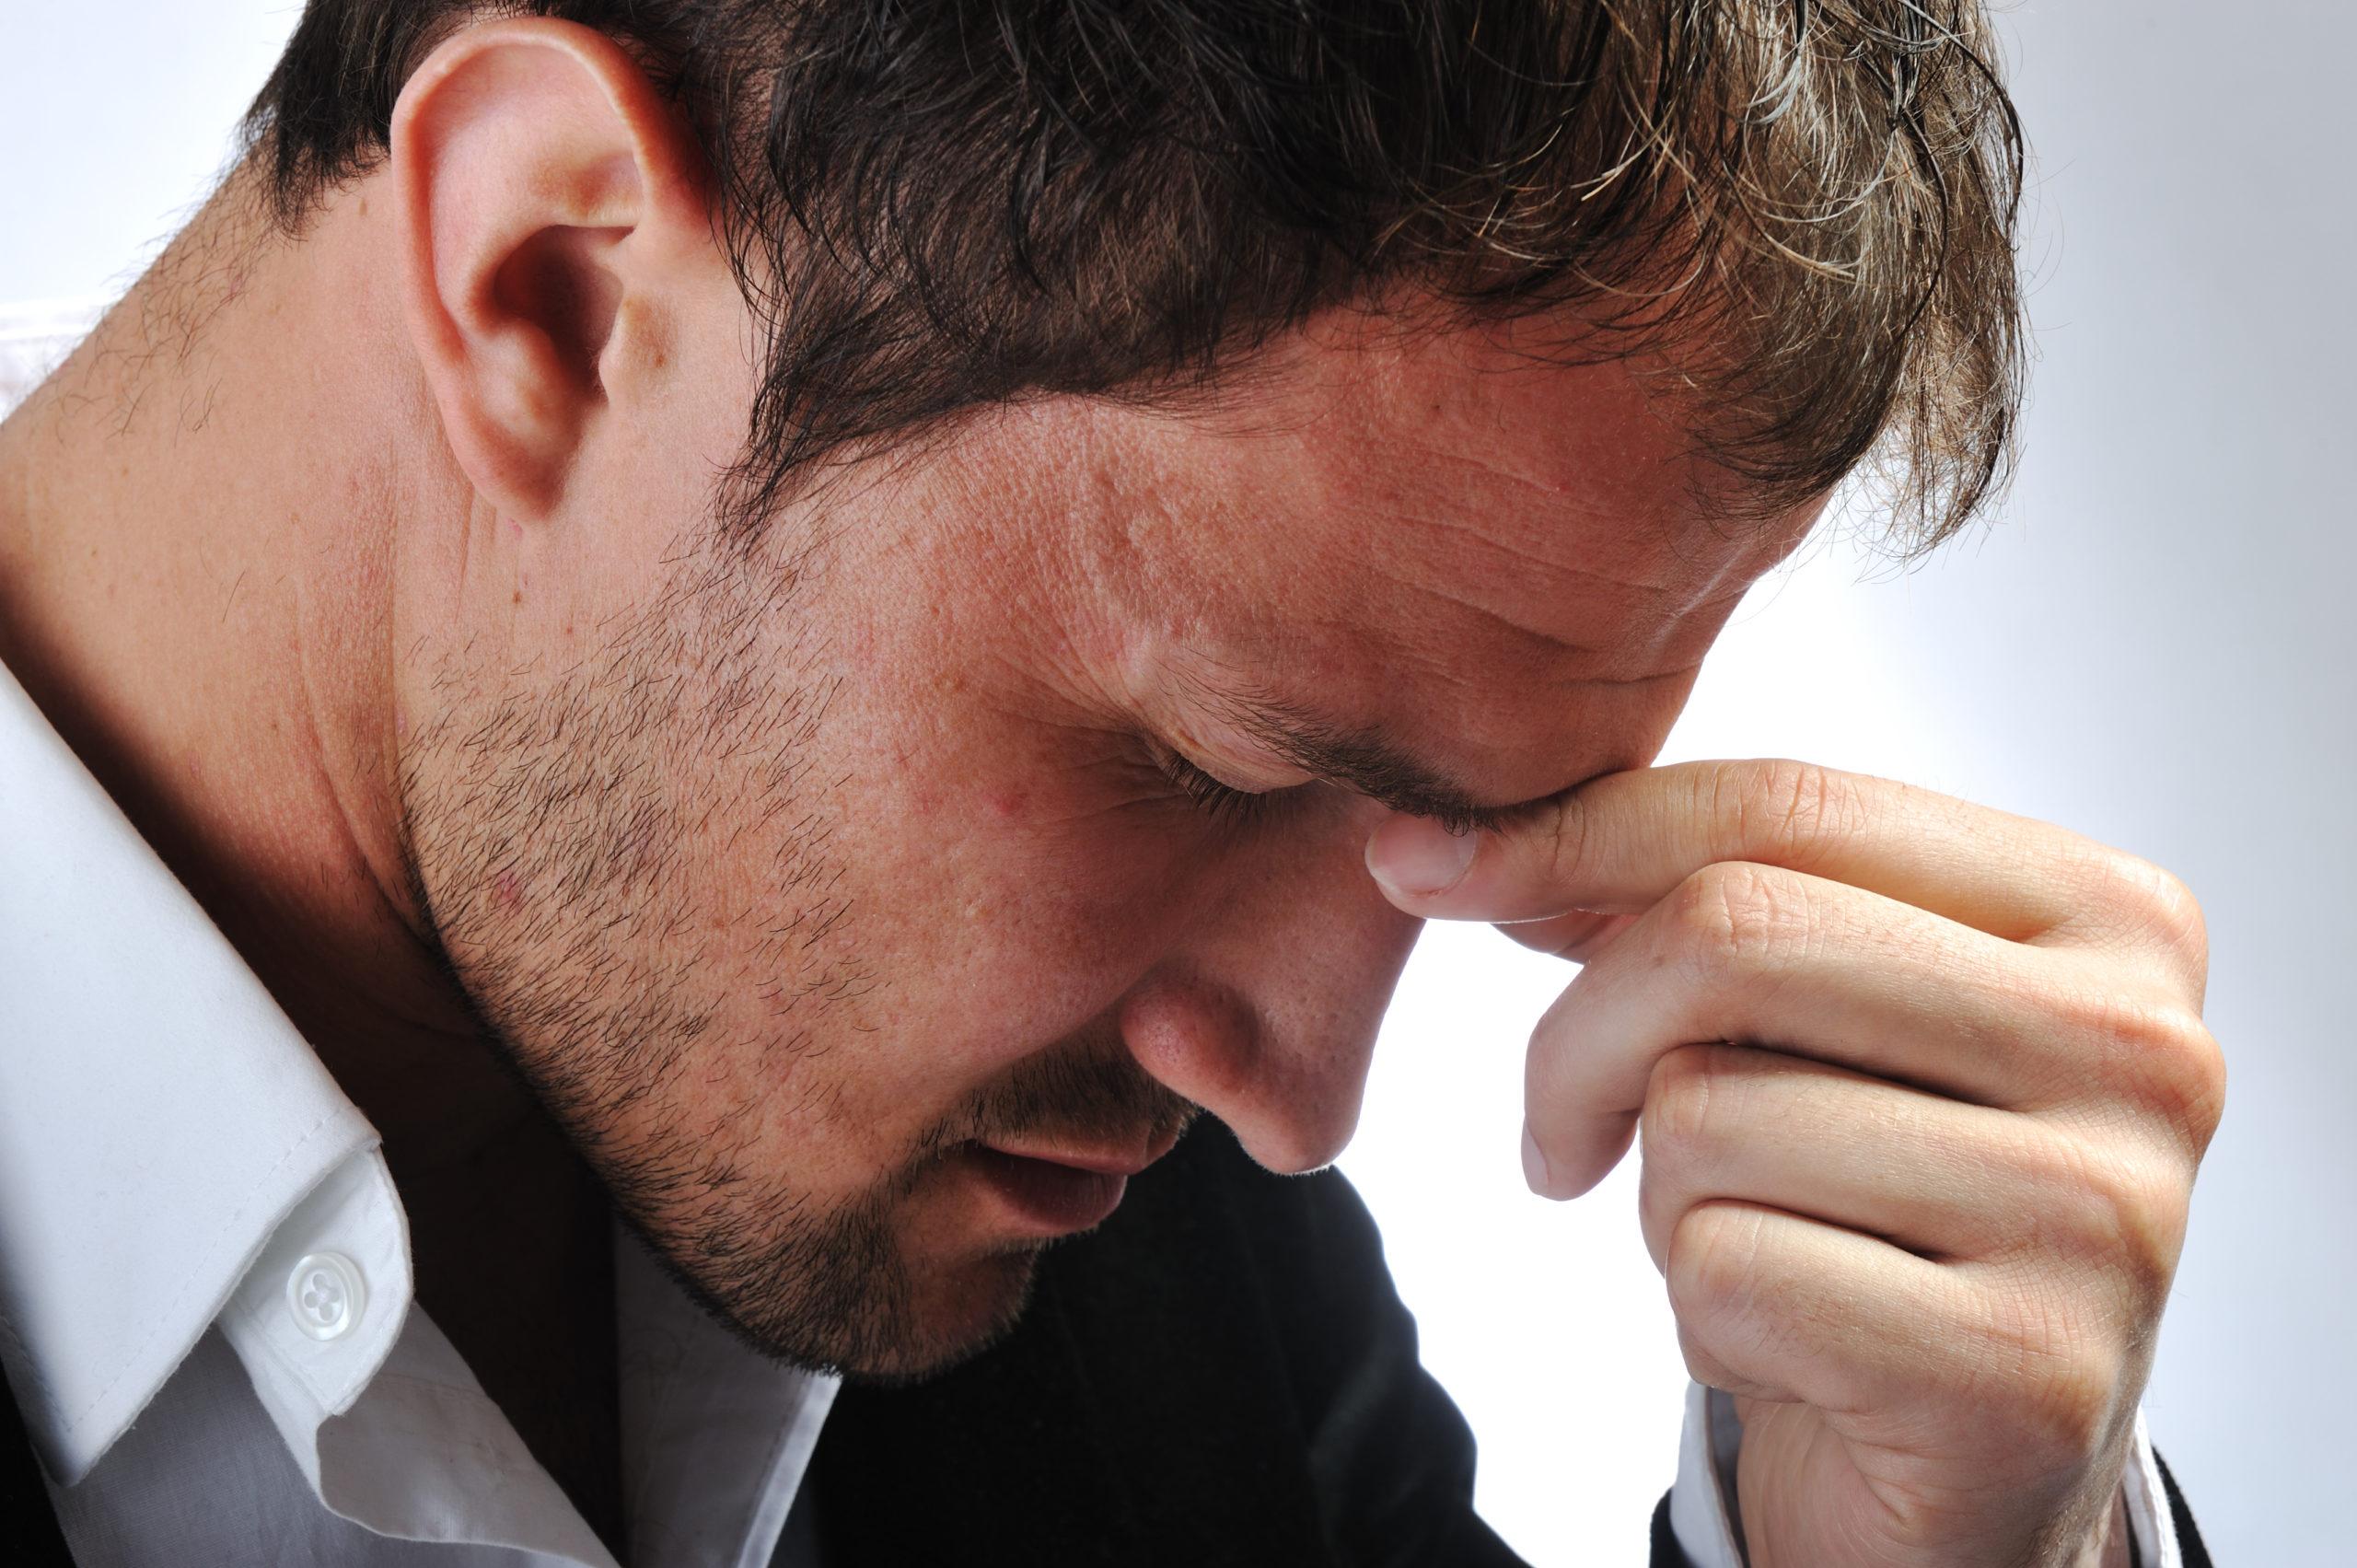 Fysieke klachten hebben voor 80% een emotionele achtergrond